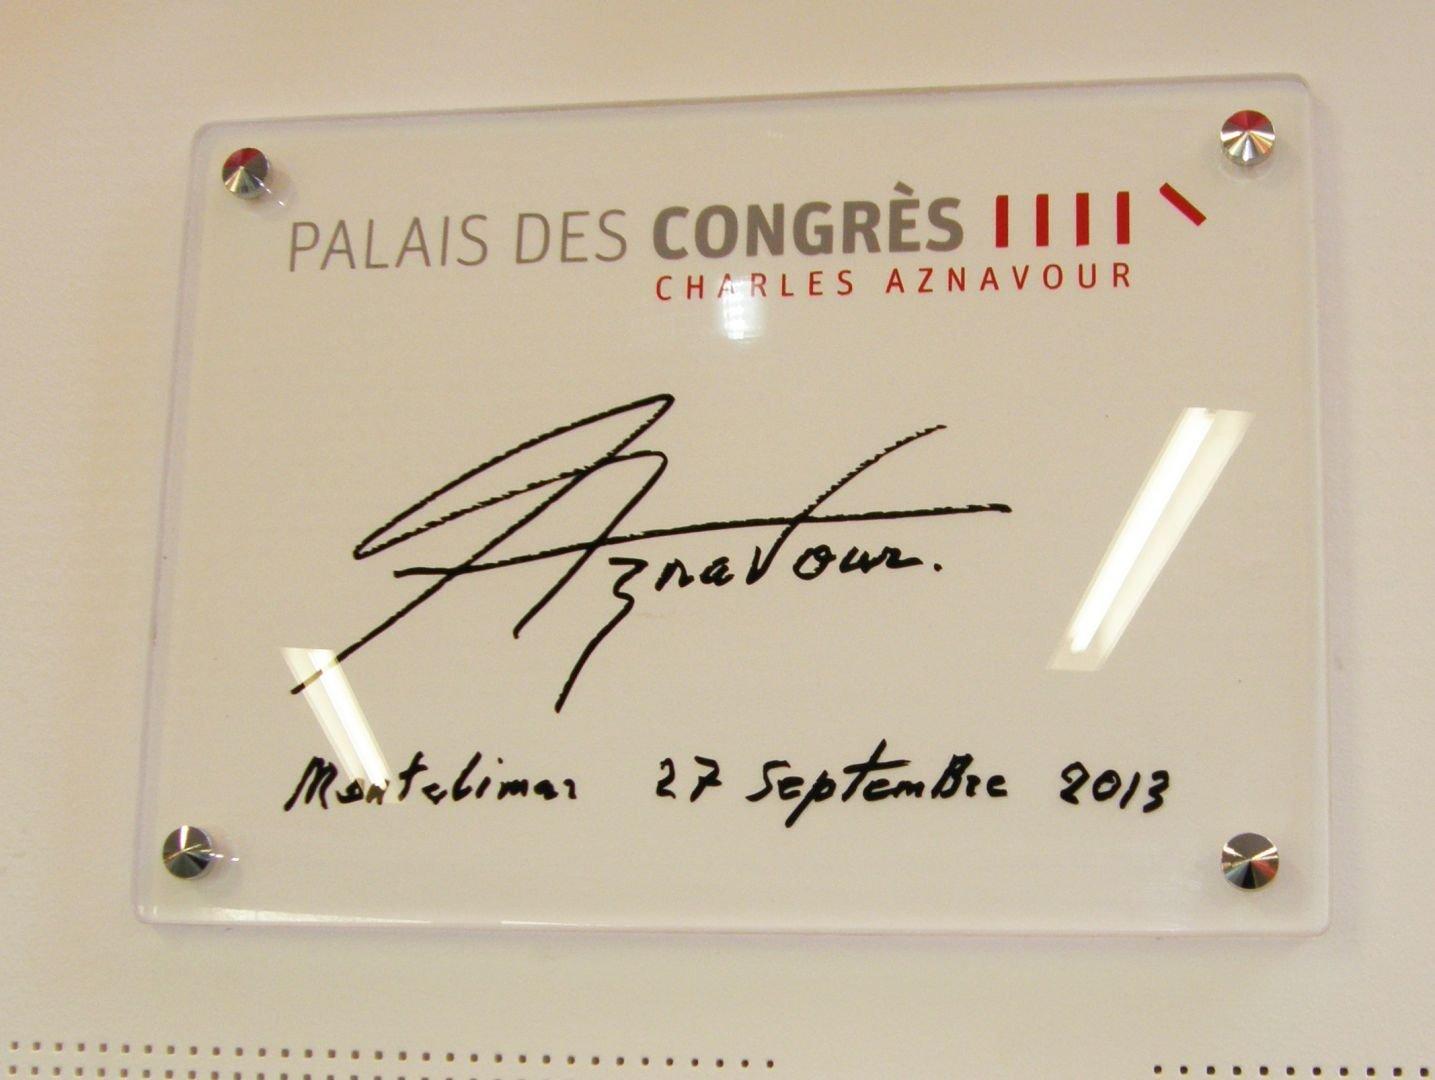 Palais des Congrès Charles Aznavour - Montélimar - Z Architecture